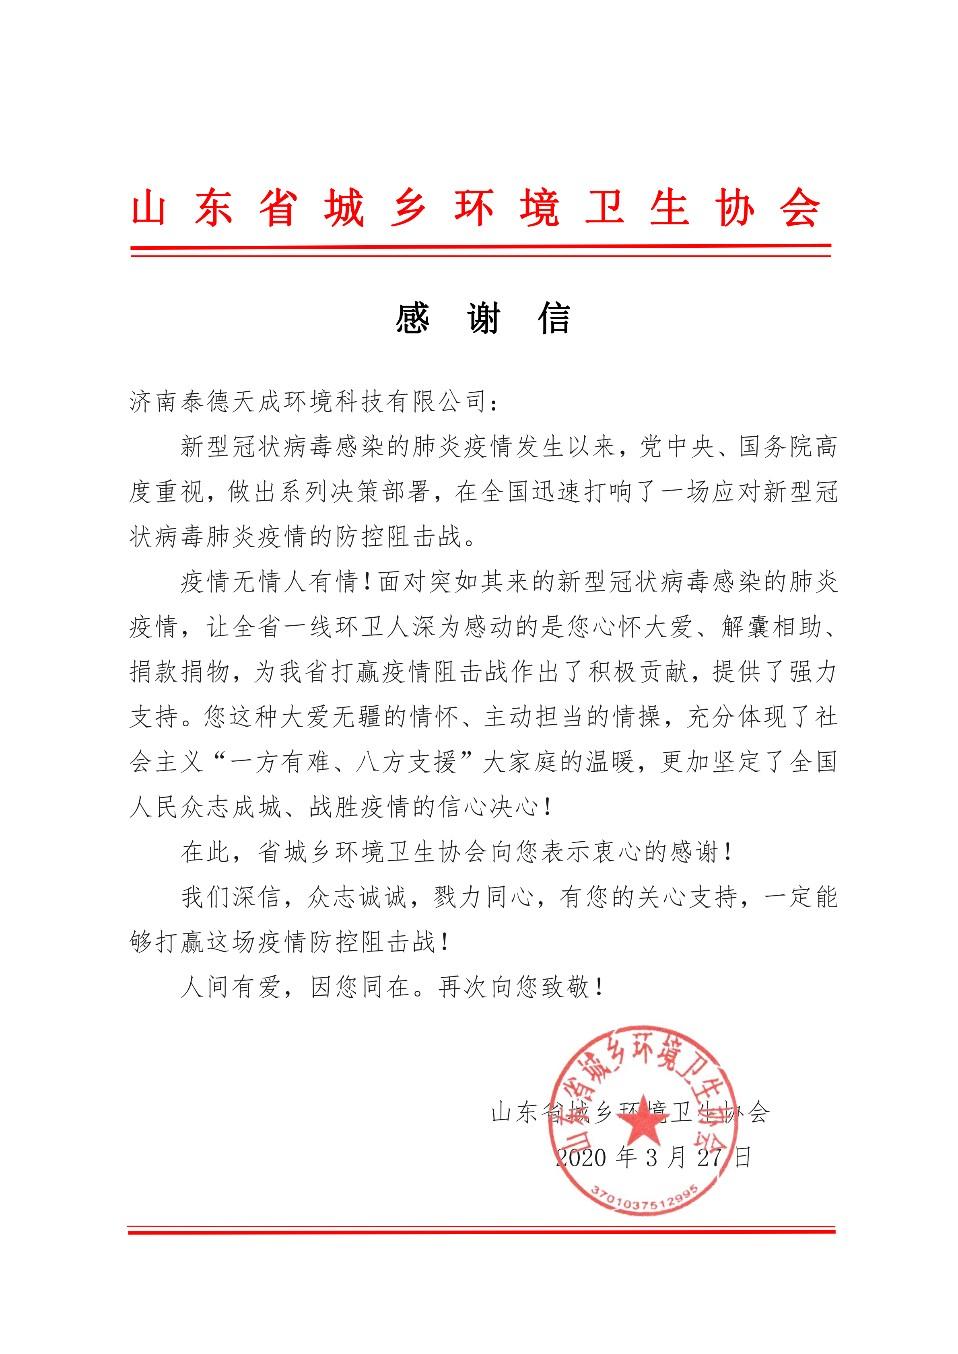 泰德环境收到山东省城乡环境卫生协会的感谢信